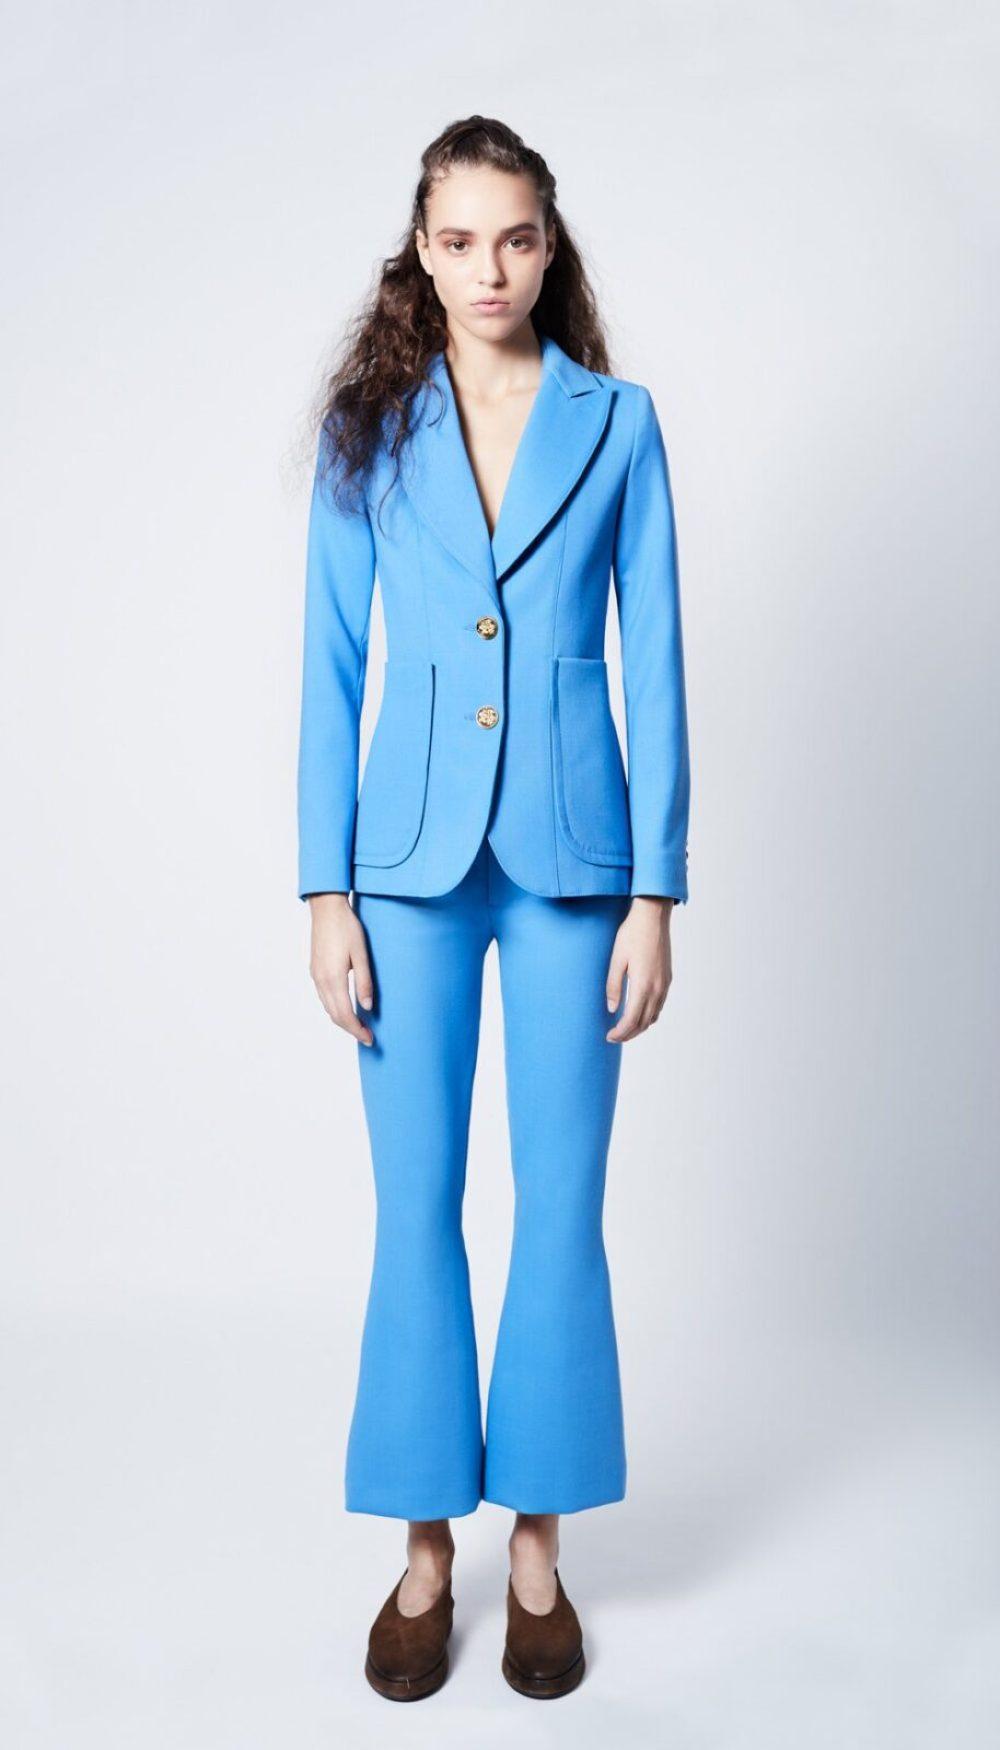 smythe jackets blazer canadian designers 2018